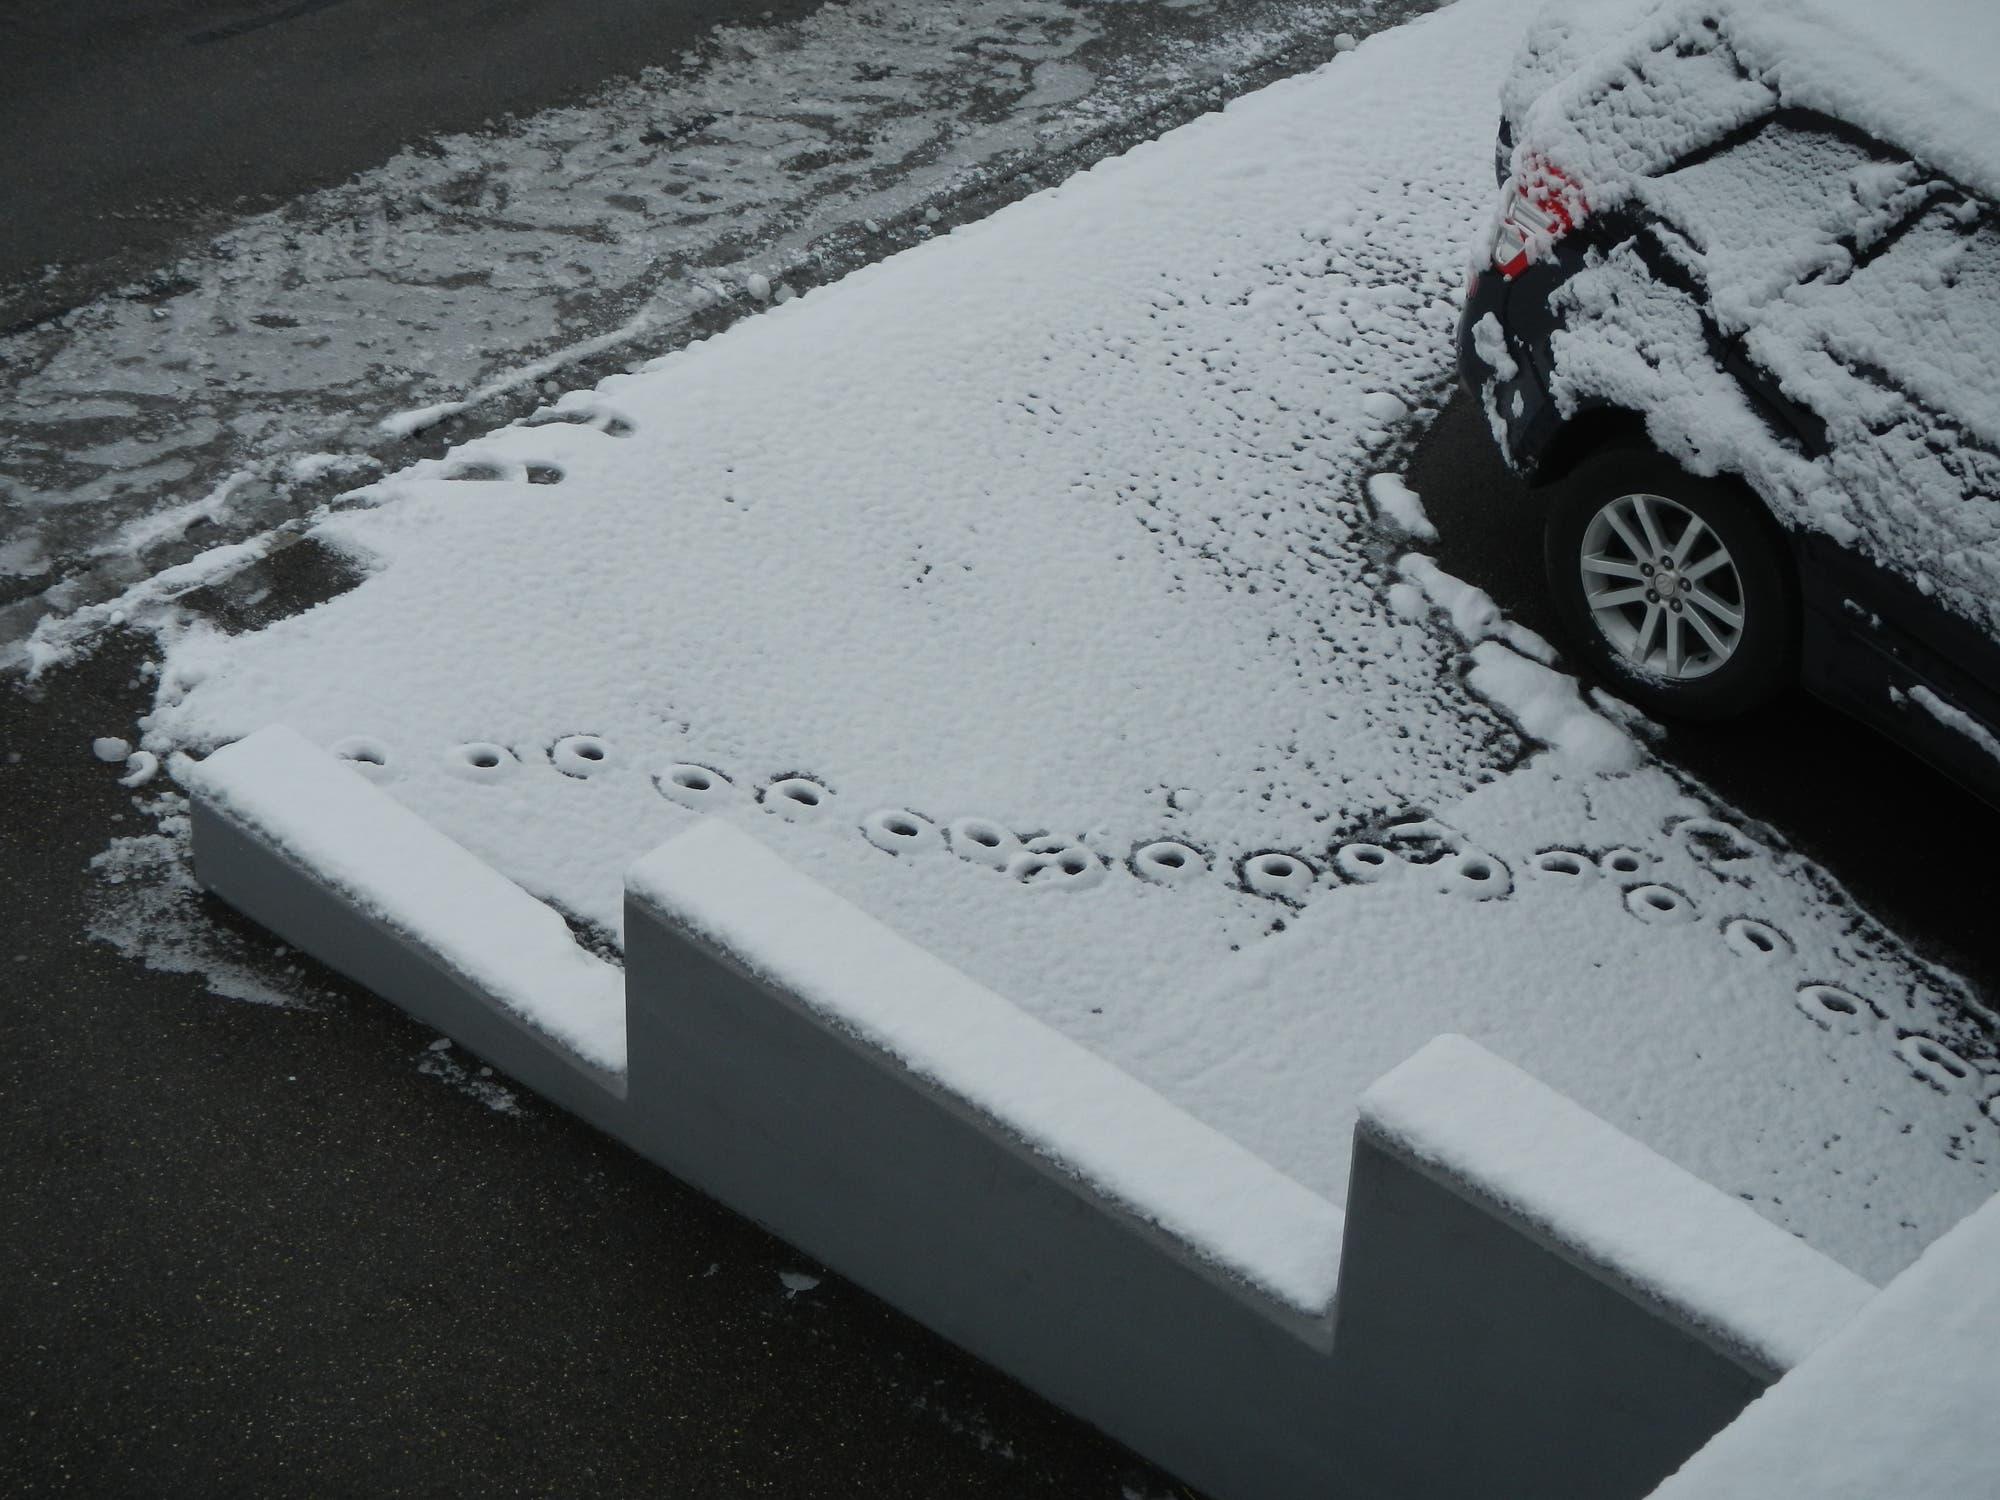 Spur ringförmiger Abdrücke in einer Schneeschicht